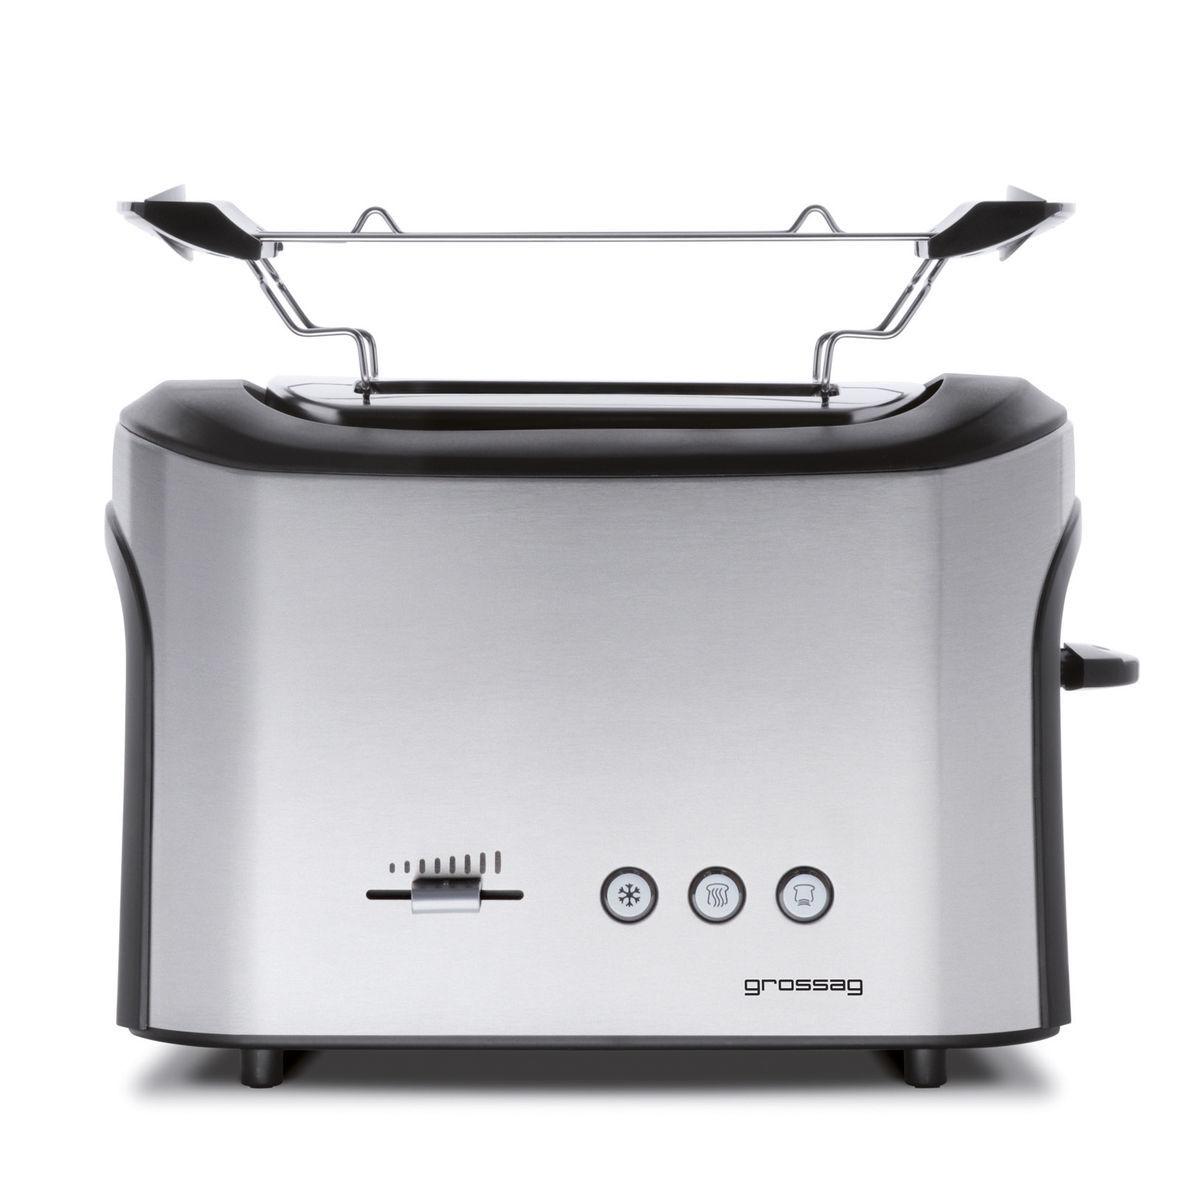 """Grossag™ - Edelstahl-Toaster """"TA 64"""" (740 Watt) ab €14,37 [@Karstadt.de]"""